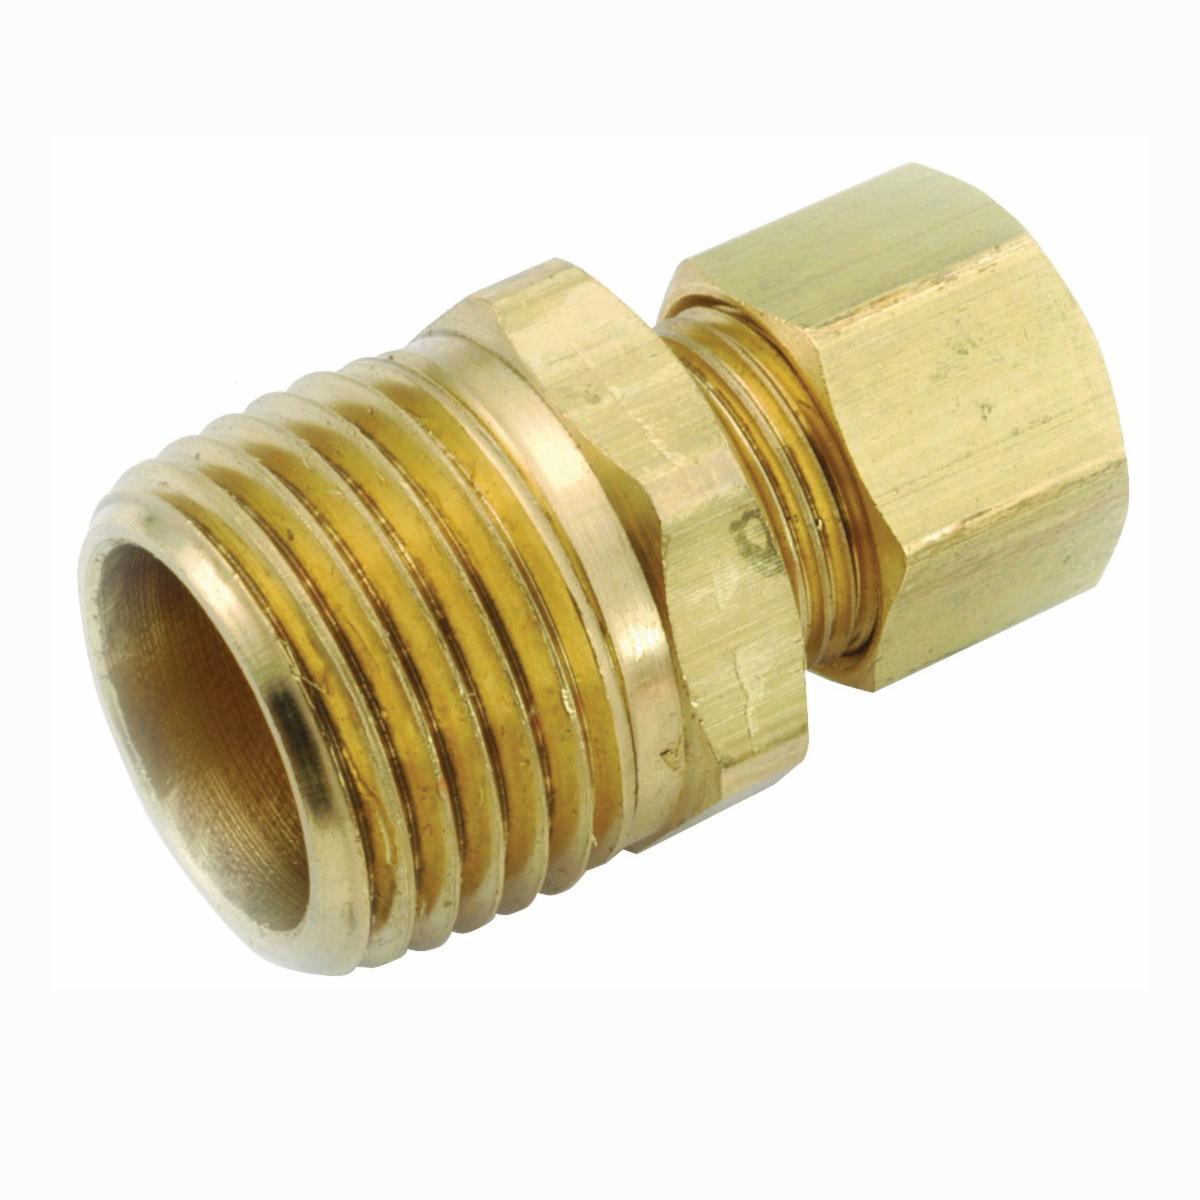 Anderson Metals 750068-0504